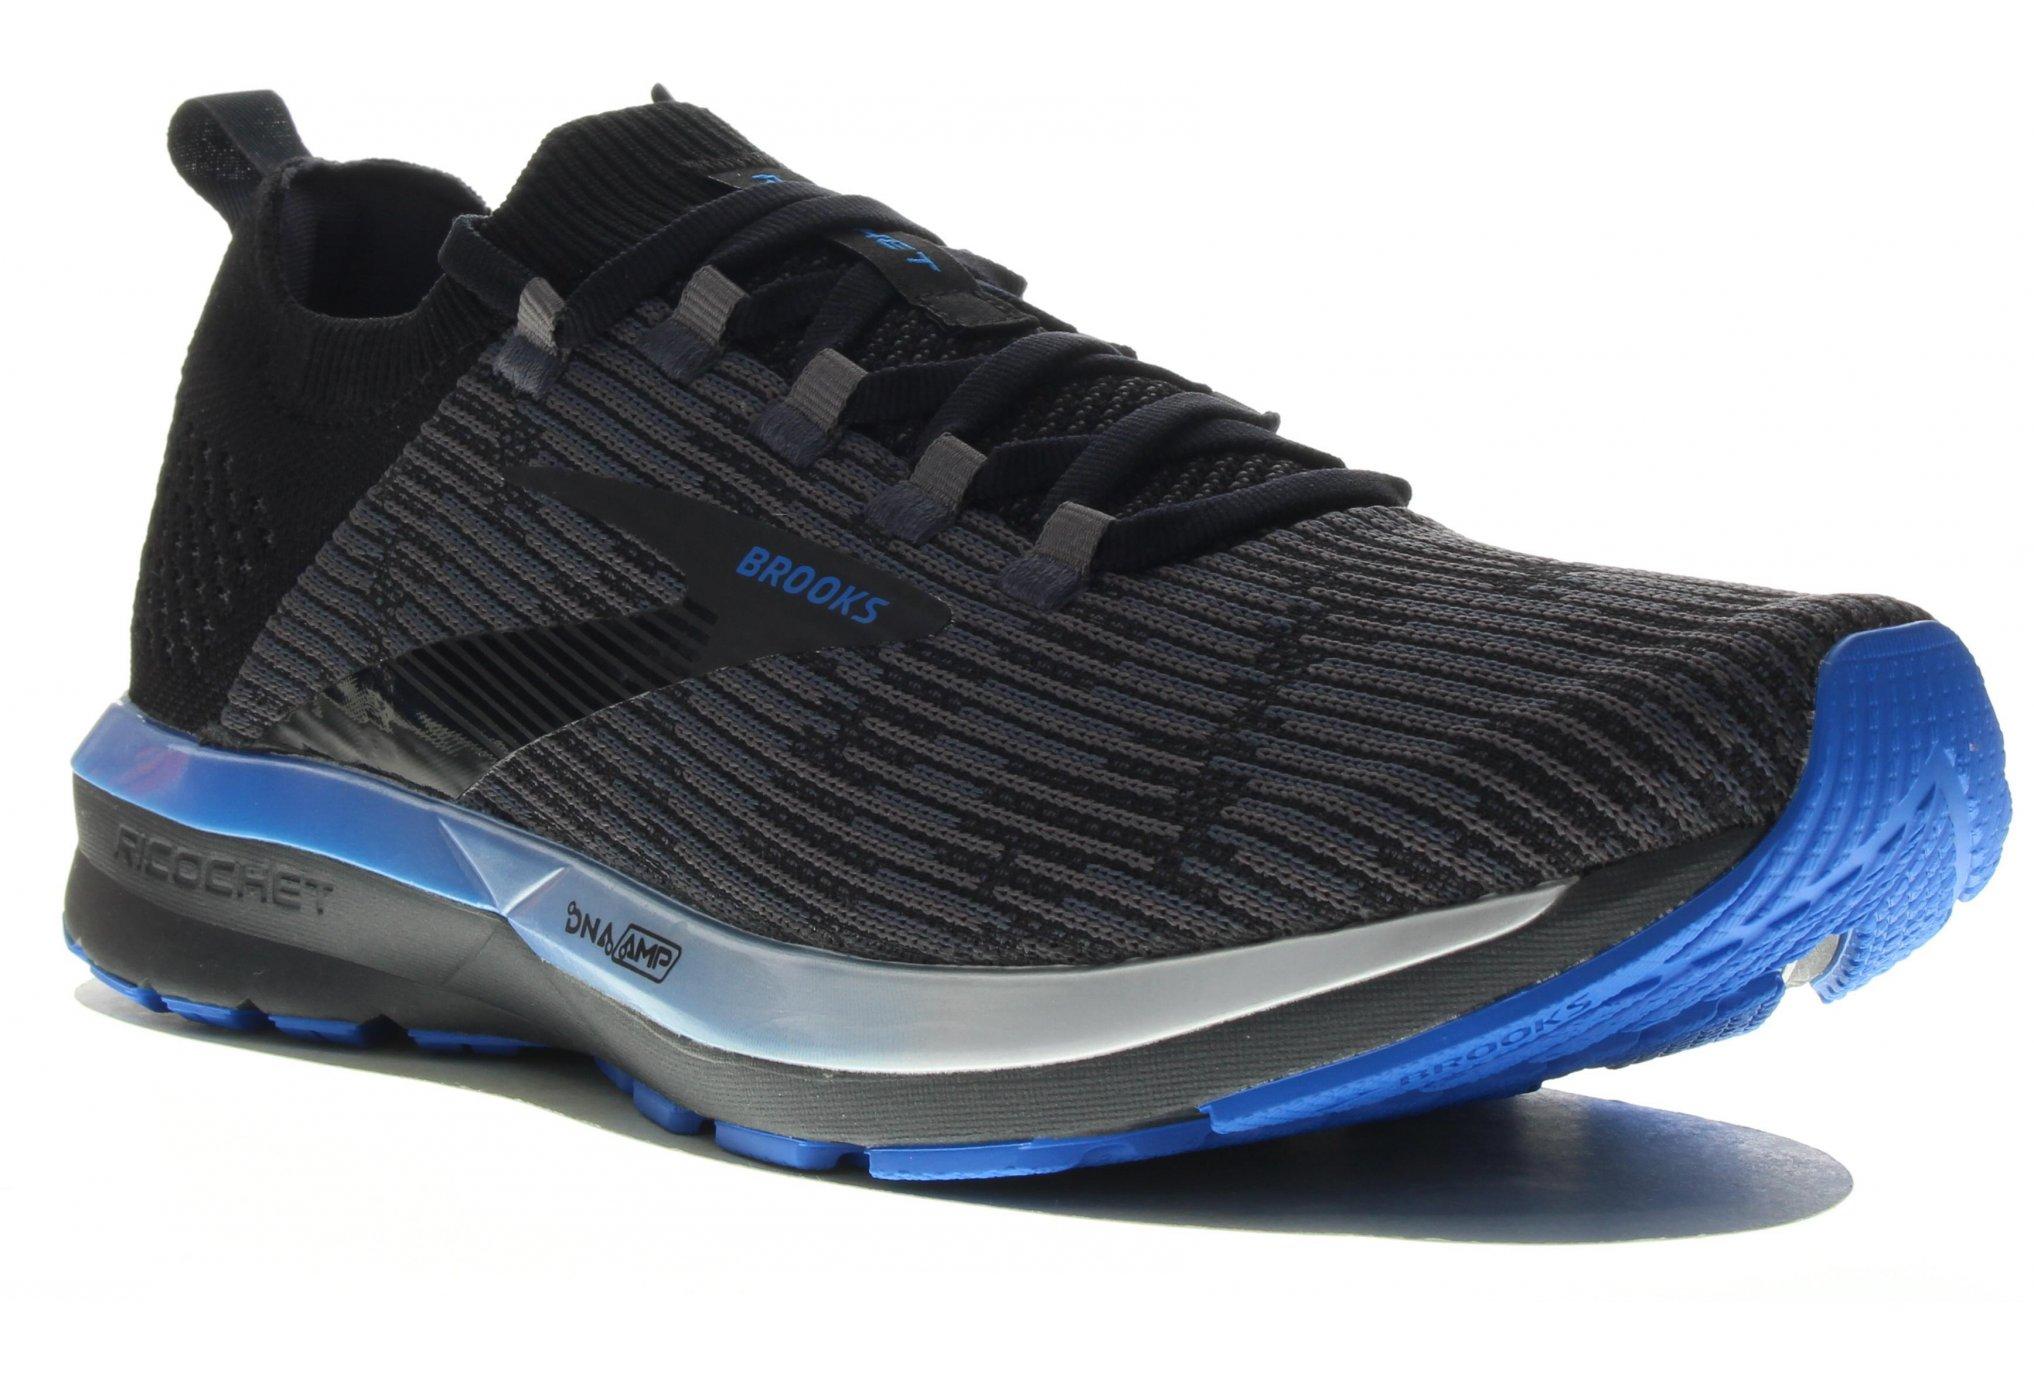 Brooks Ricochet 2 M Diététique Chaussures homme